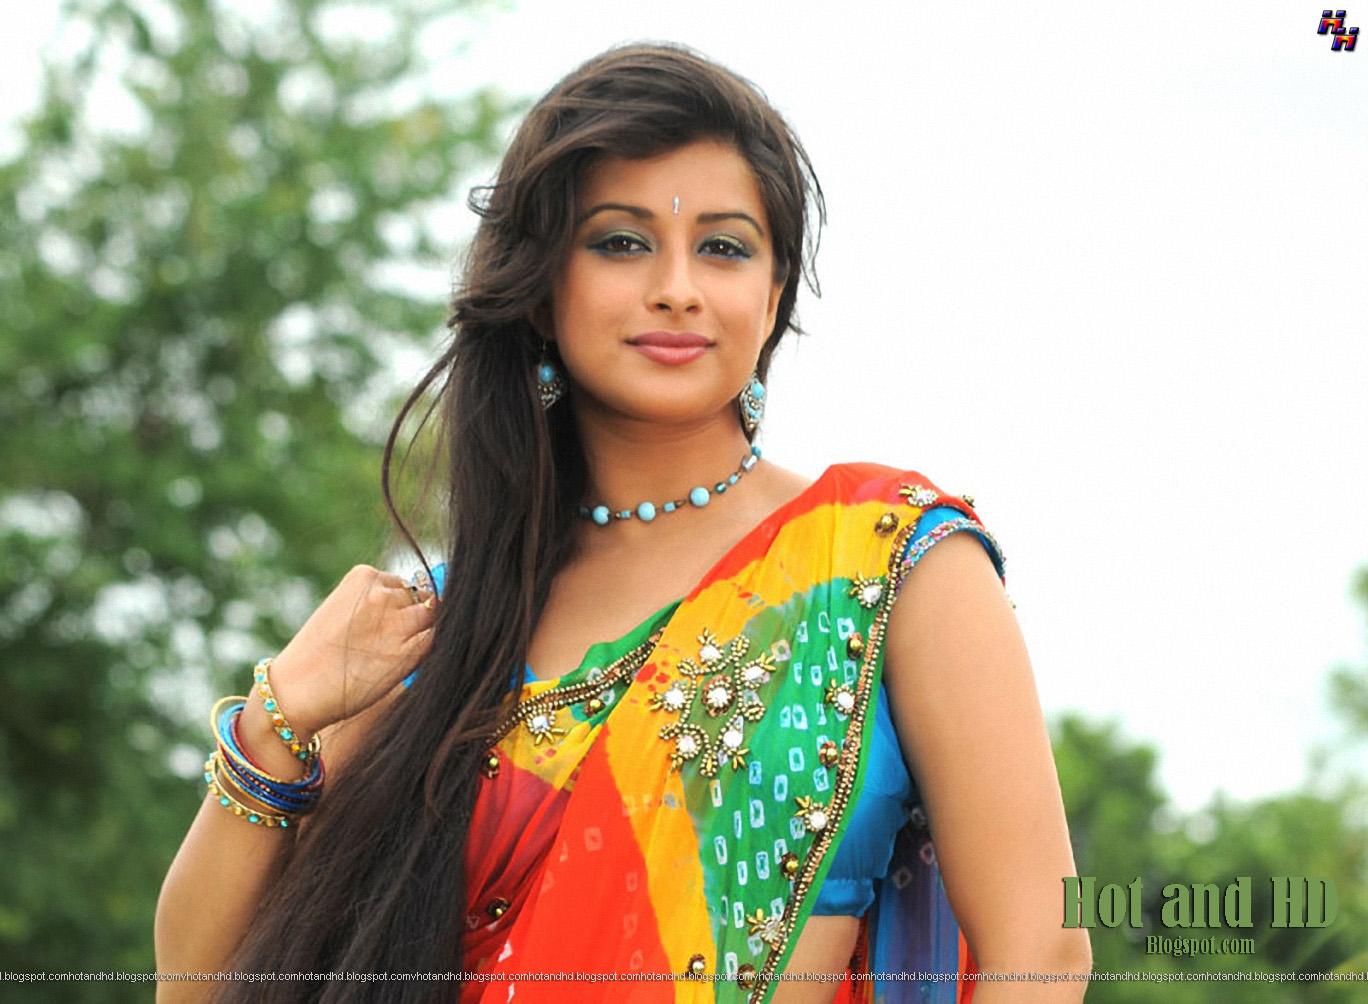 Indian xxxpron image xxx movies